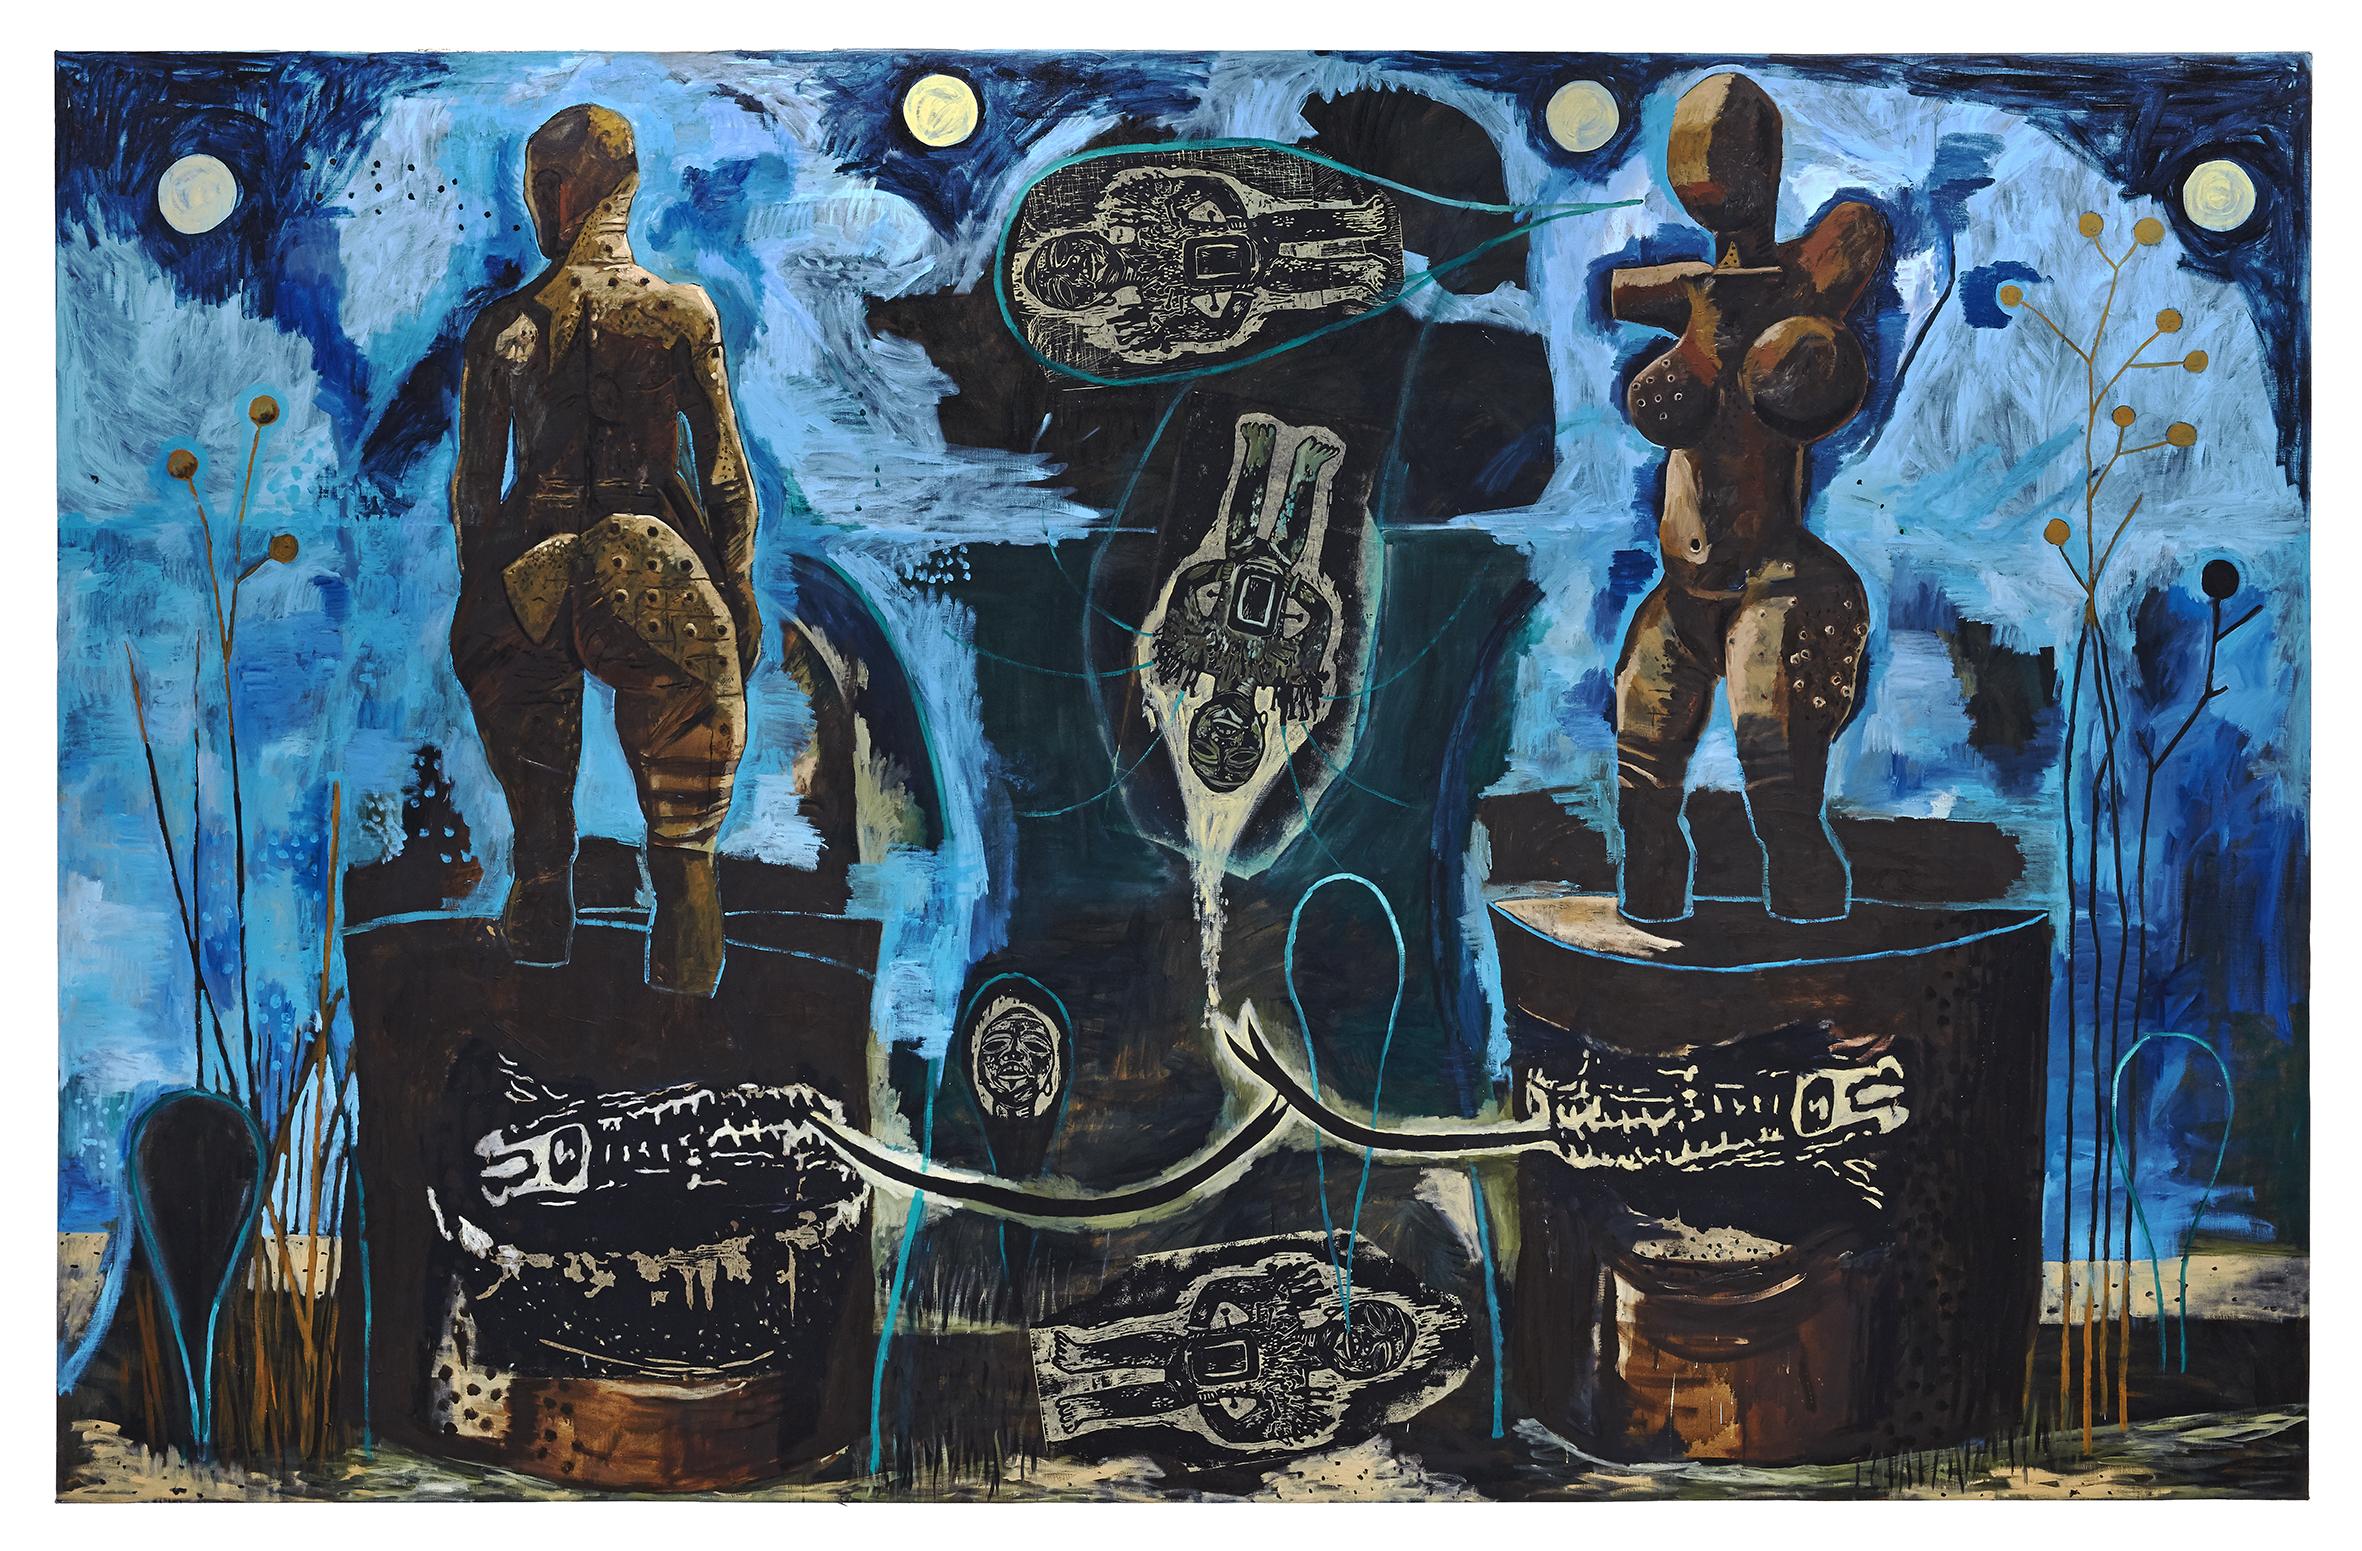 Damien Deroubaix, Rupture de communication, 2020, huile et collage sur toile, 250 x 400 cm © Thomas Lannes : Adagp, Paris, 2020, courtesy de l'artiste et galerie In Situ – fabienne leclerc, Grand Paris